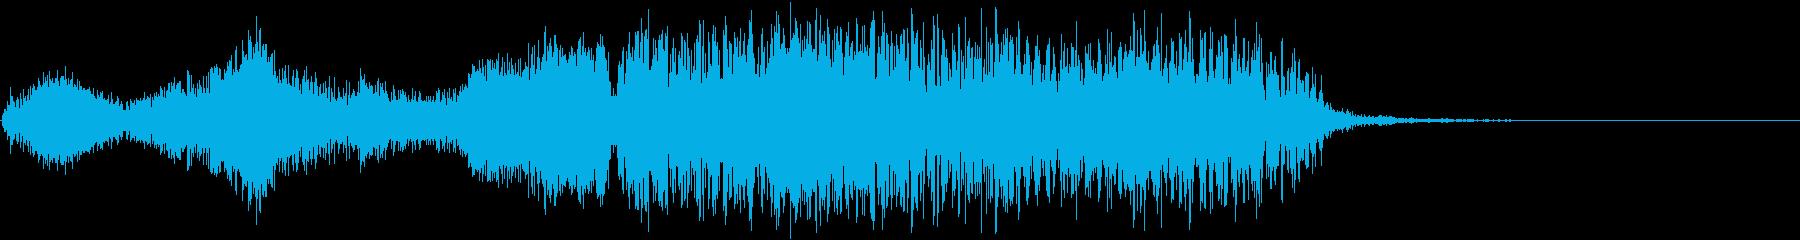 渦巻く渦巻きの衝突の再生済みの波形